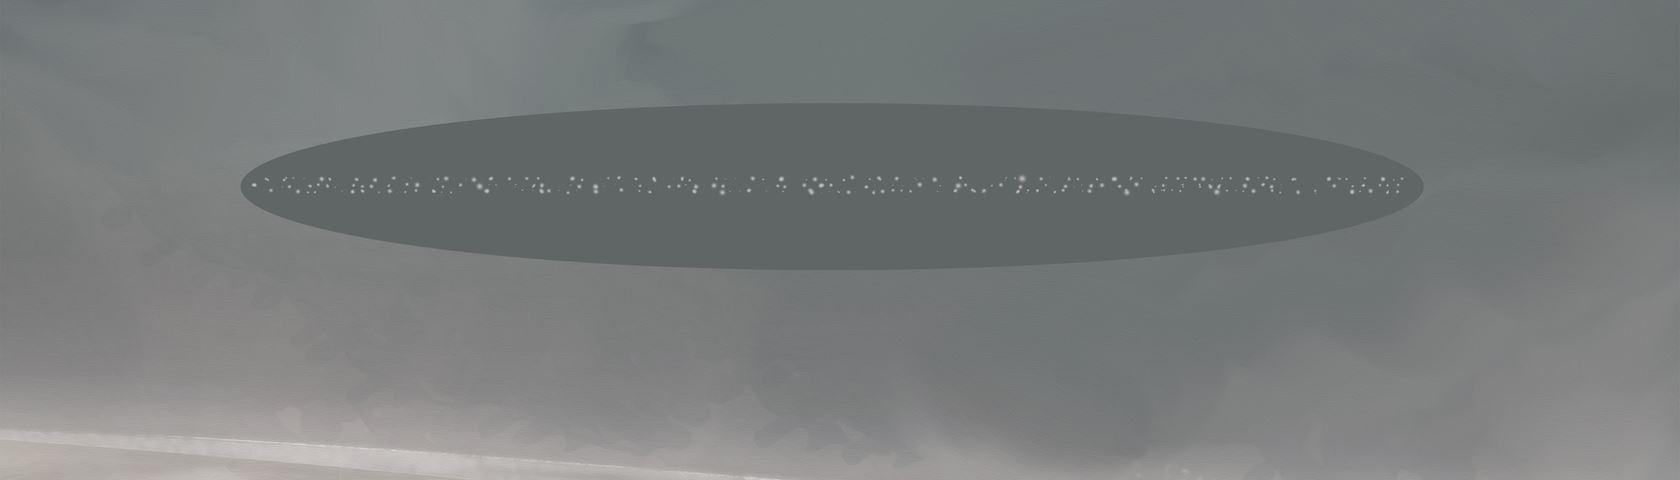 UFO Cigar